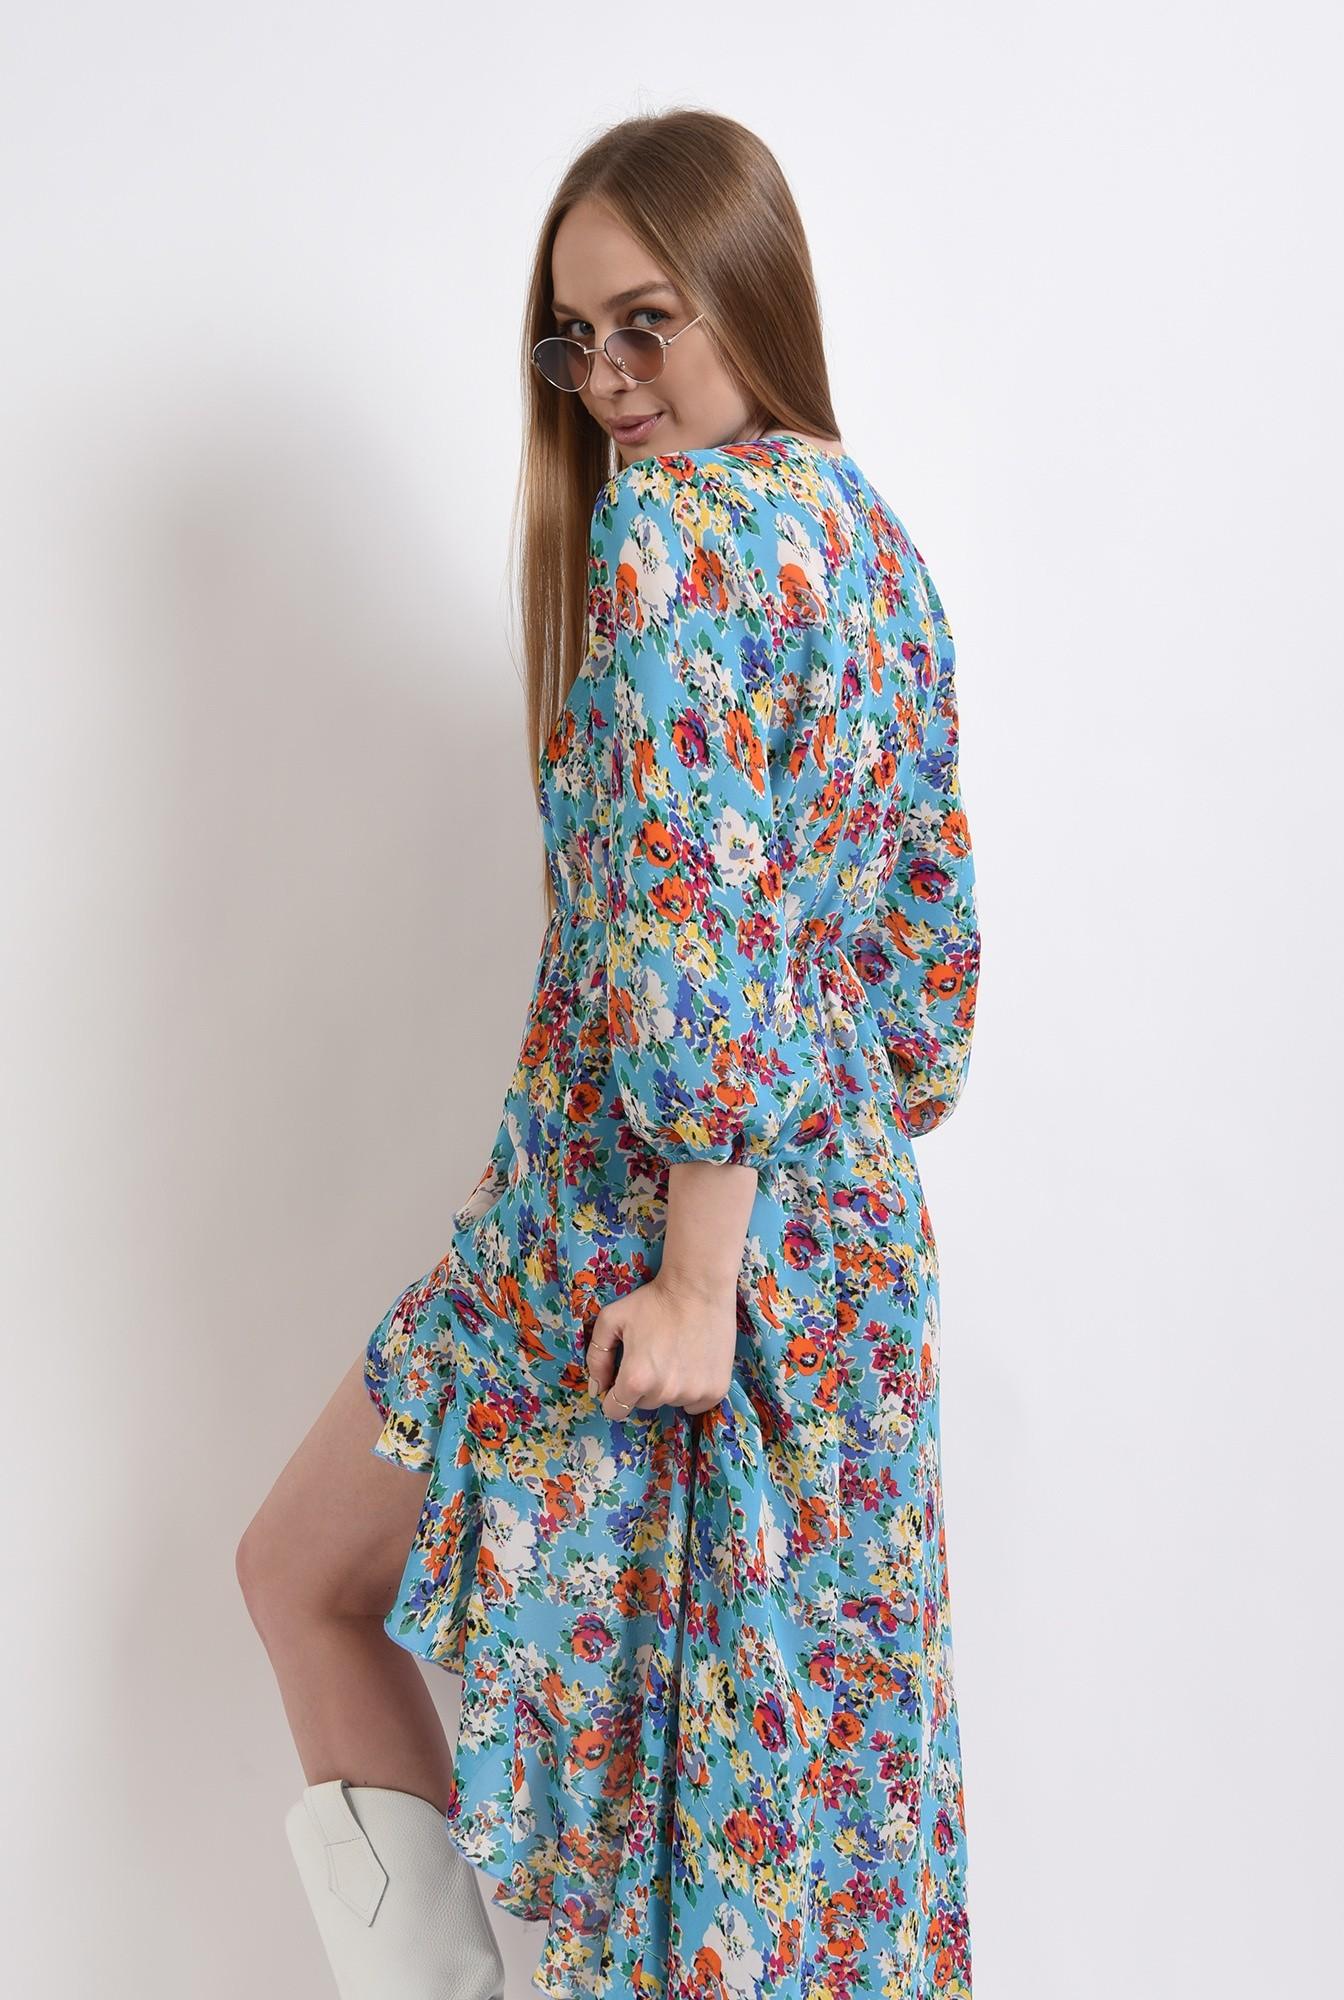 2 - rochie cu motive florale, cu maneca voluminoasa